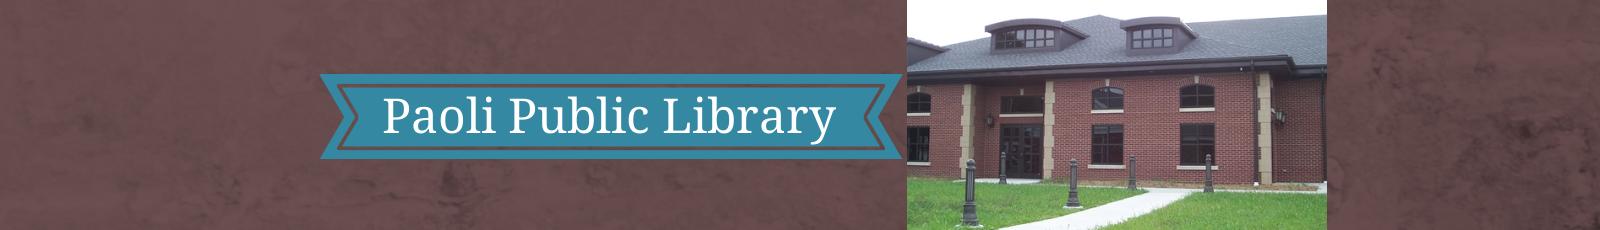 Paoli Public Library Header